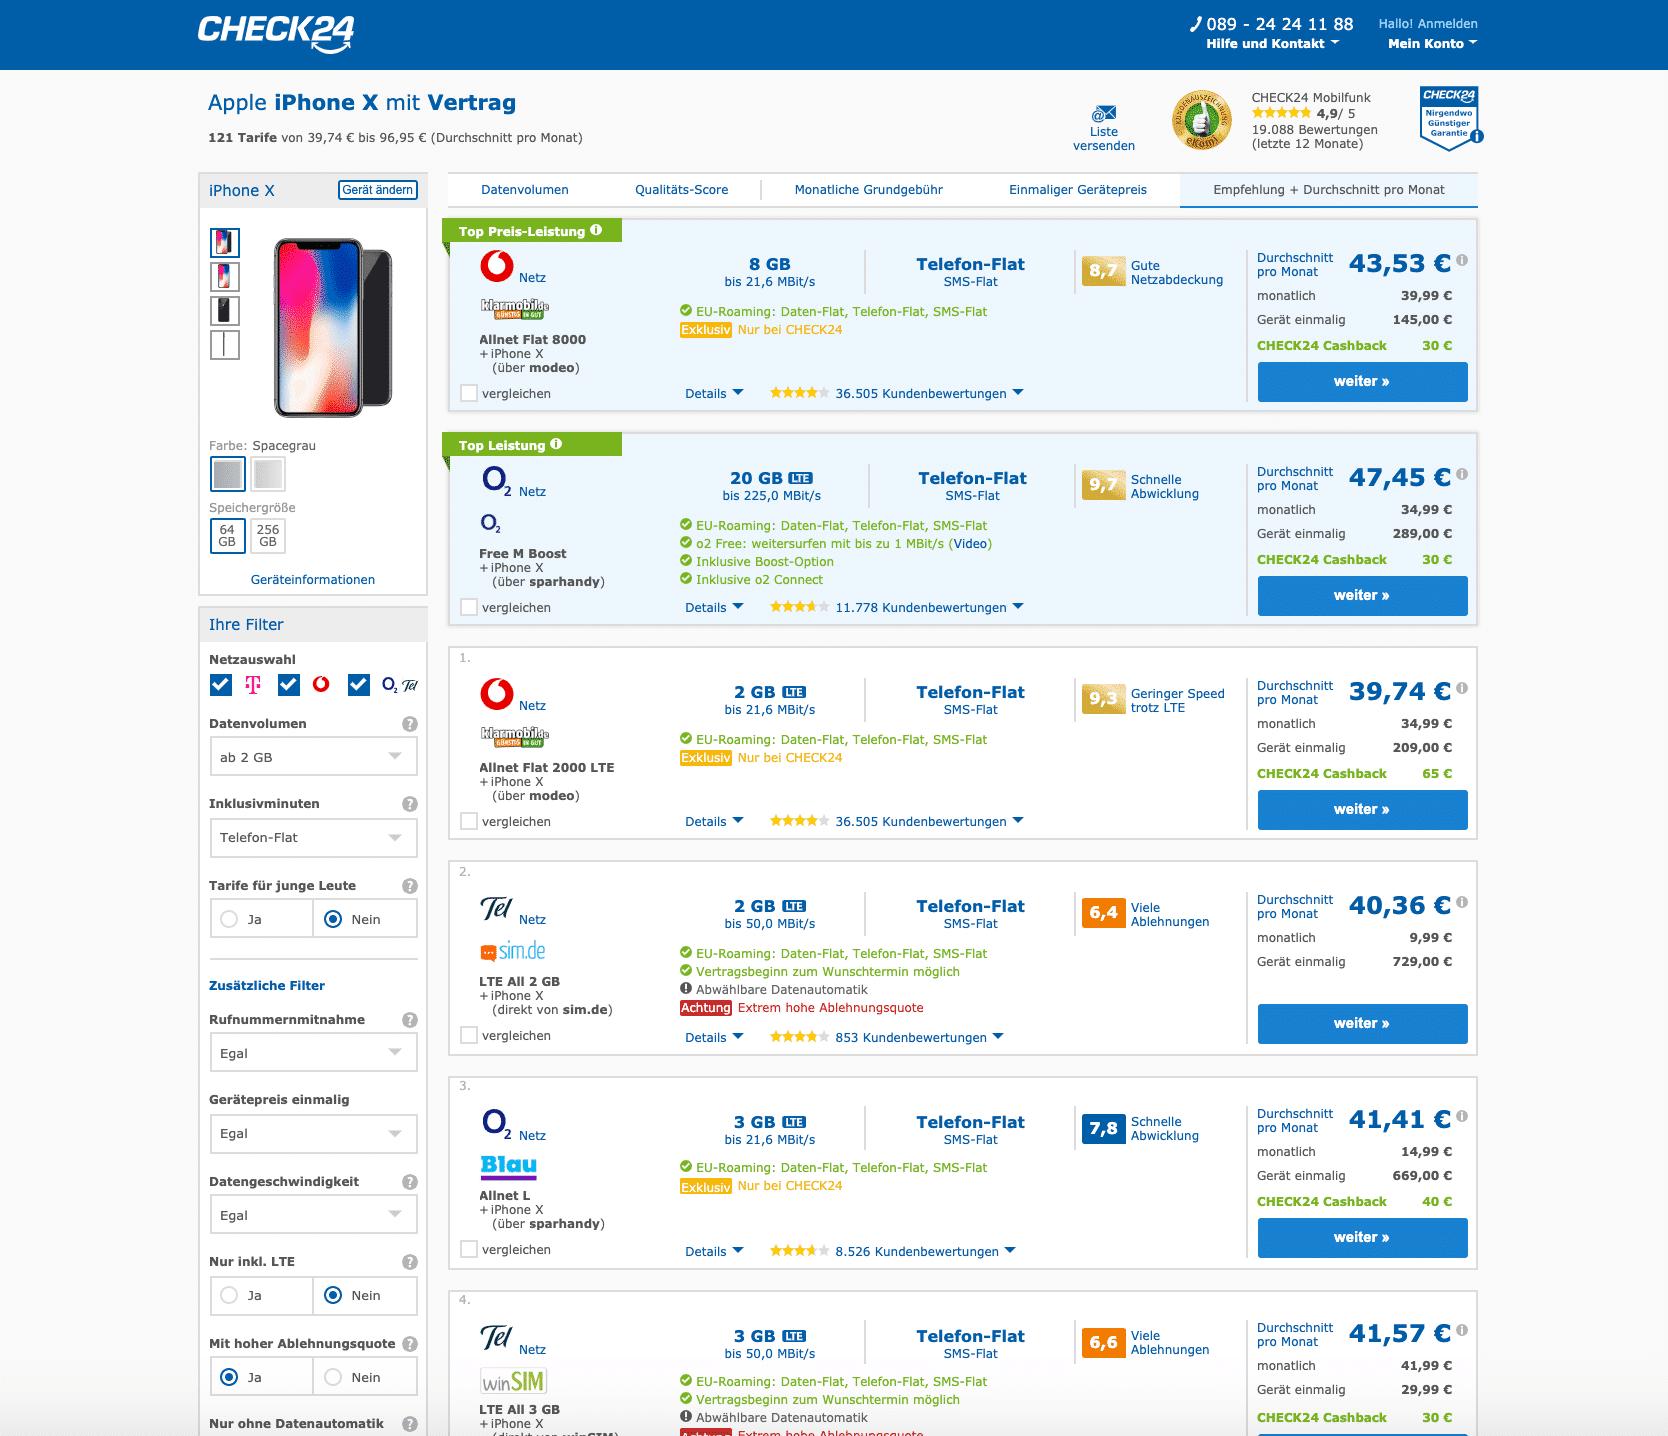 check24 mobilfunk